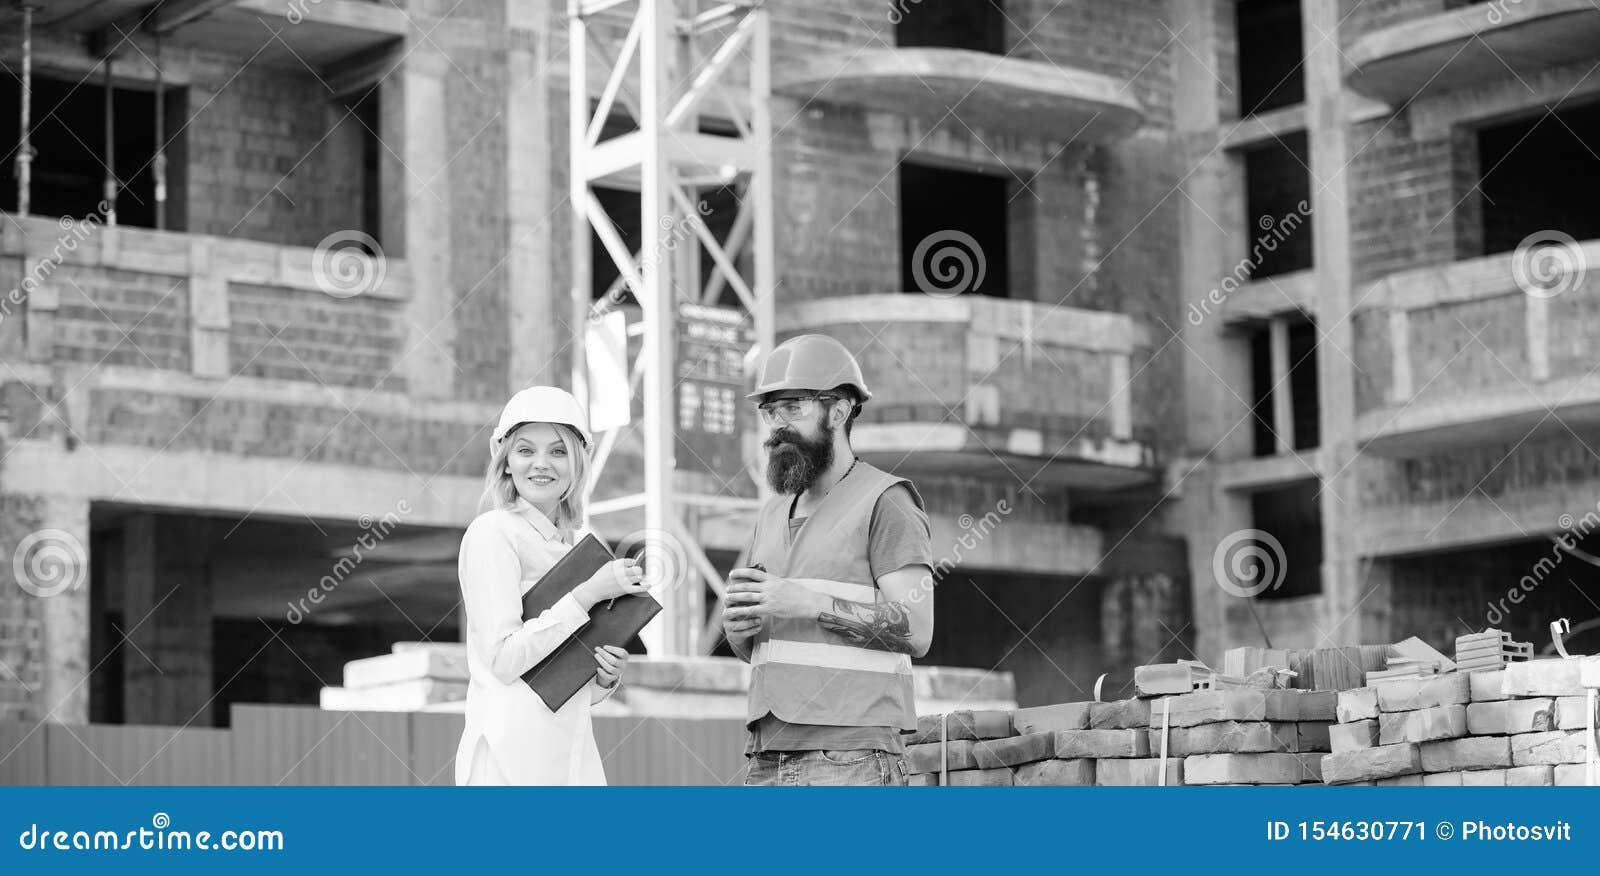 Έννοια επικοινωνίας ομάδων κατασκευής Σχέσεις μεταξύ της βιομηχανίας κτηρίου πελατών και συμμετεχόντων οικοδόμησης